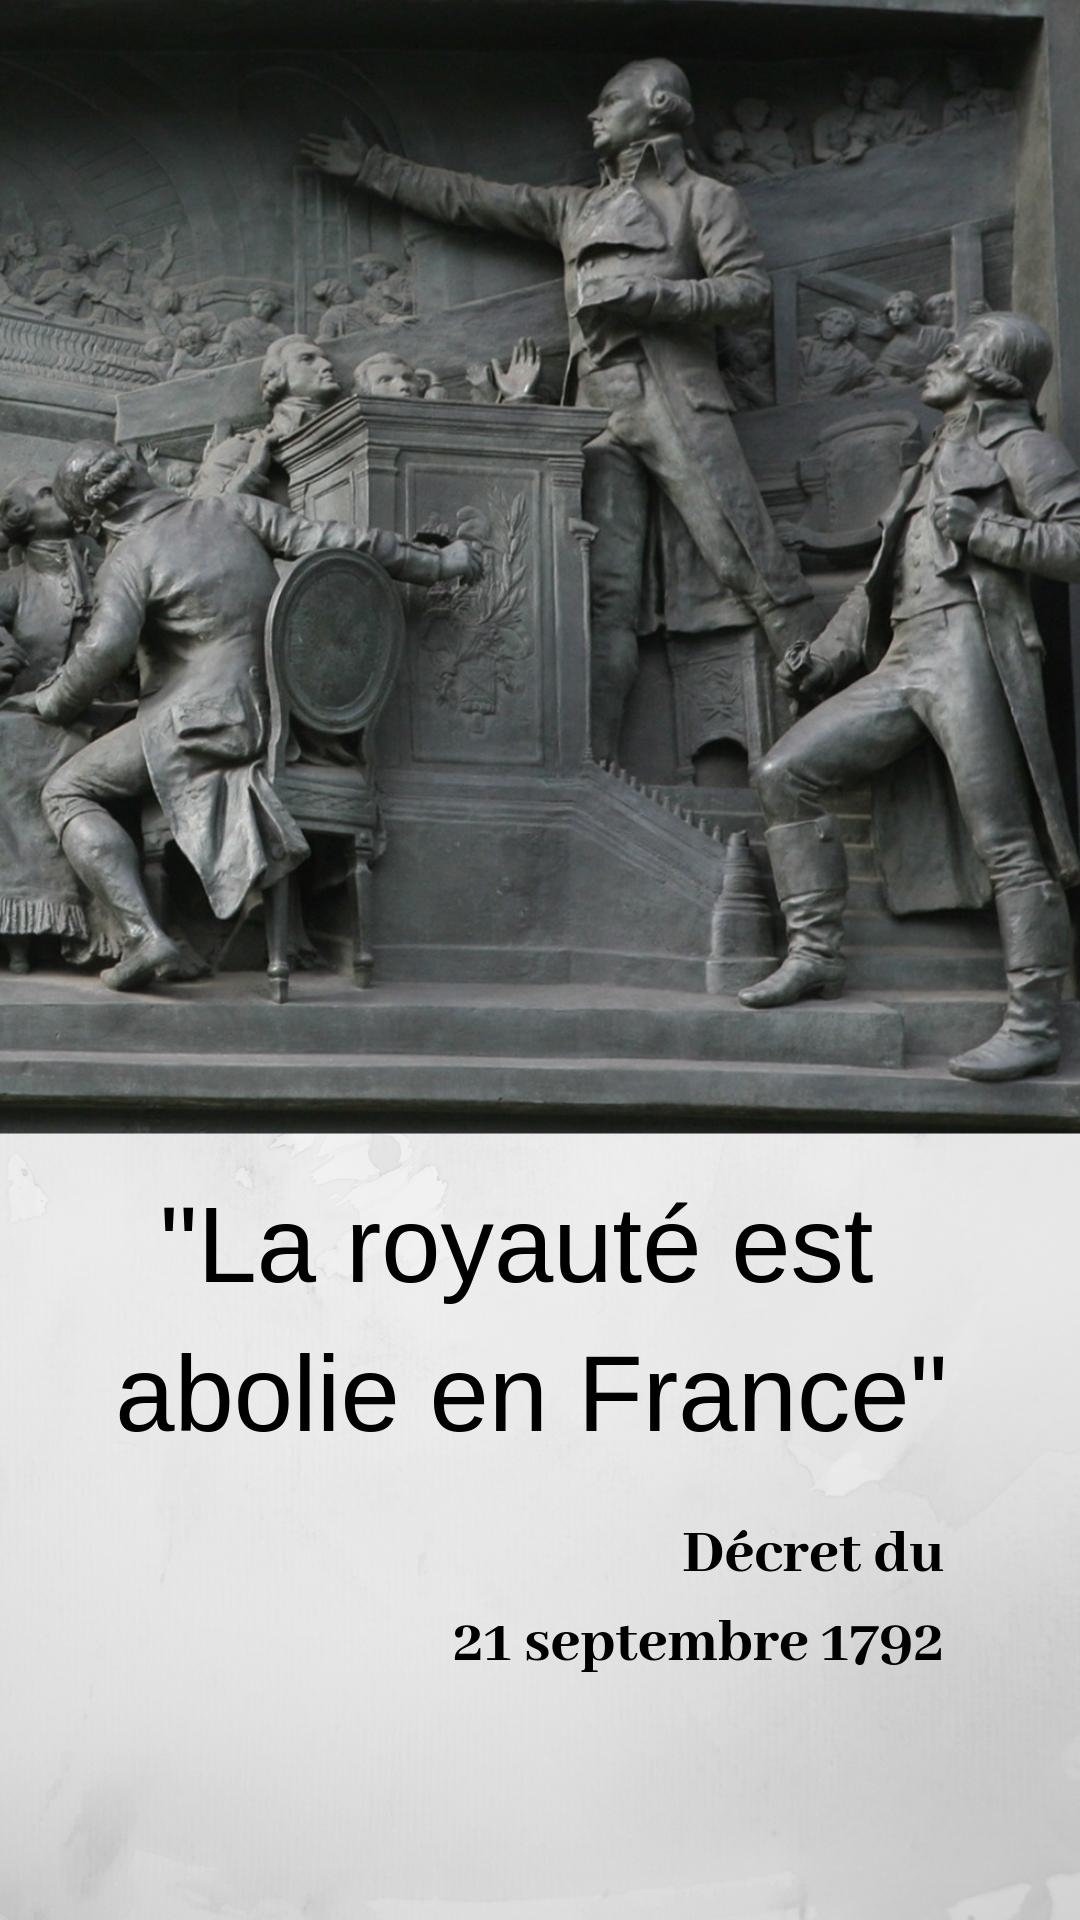 De Quand Date L Abolition De La Monarchie En France Votée à